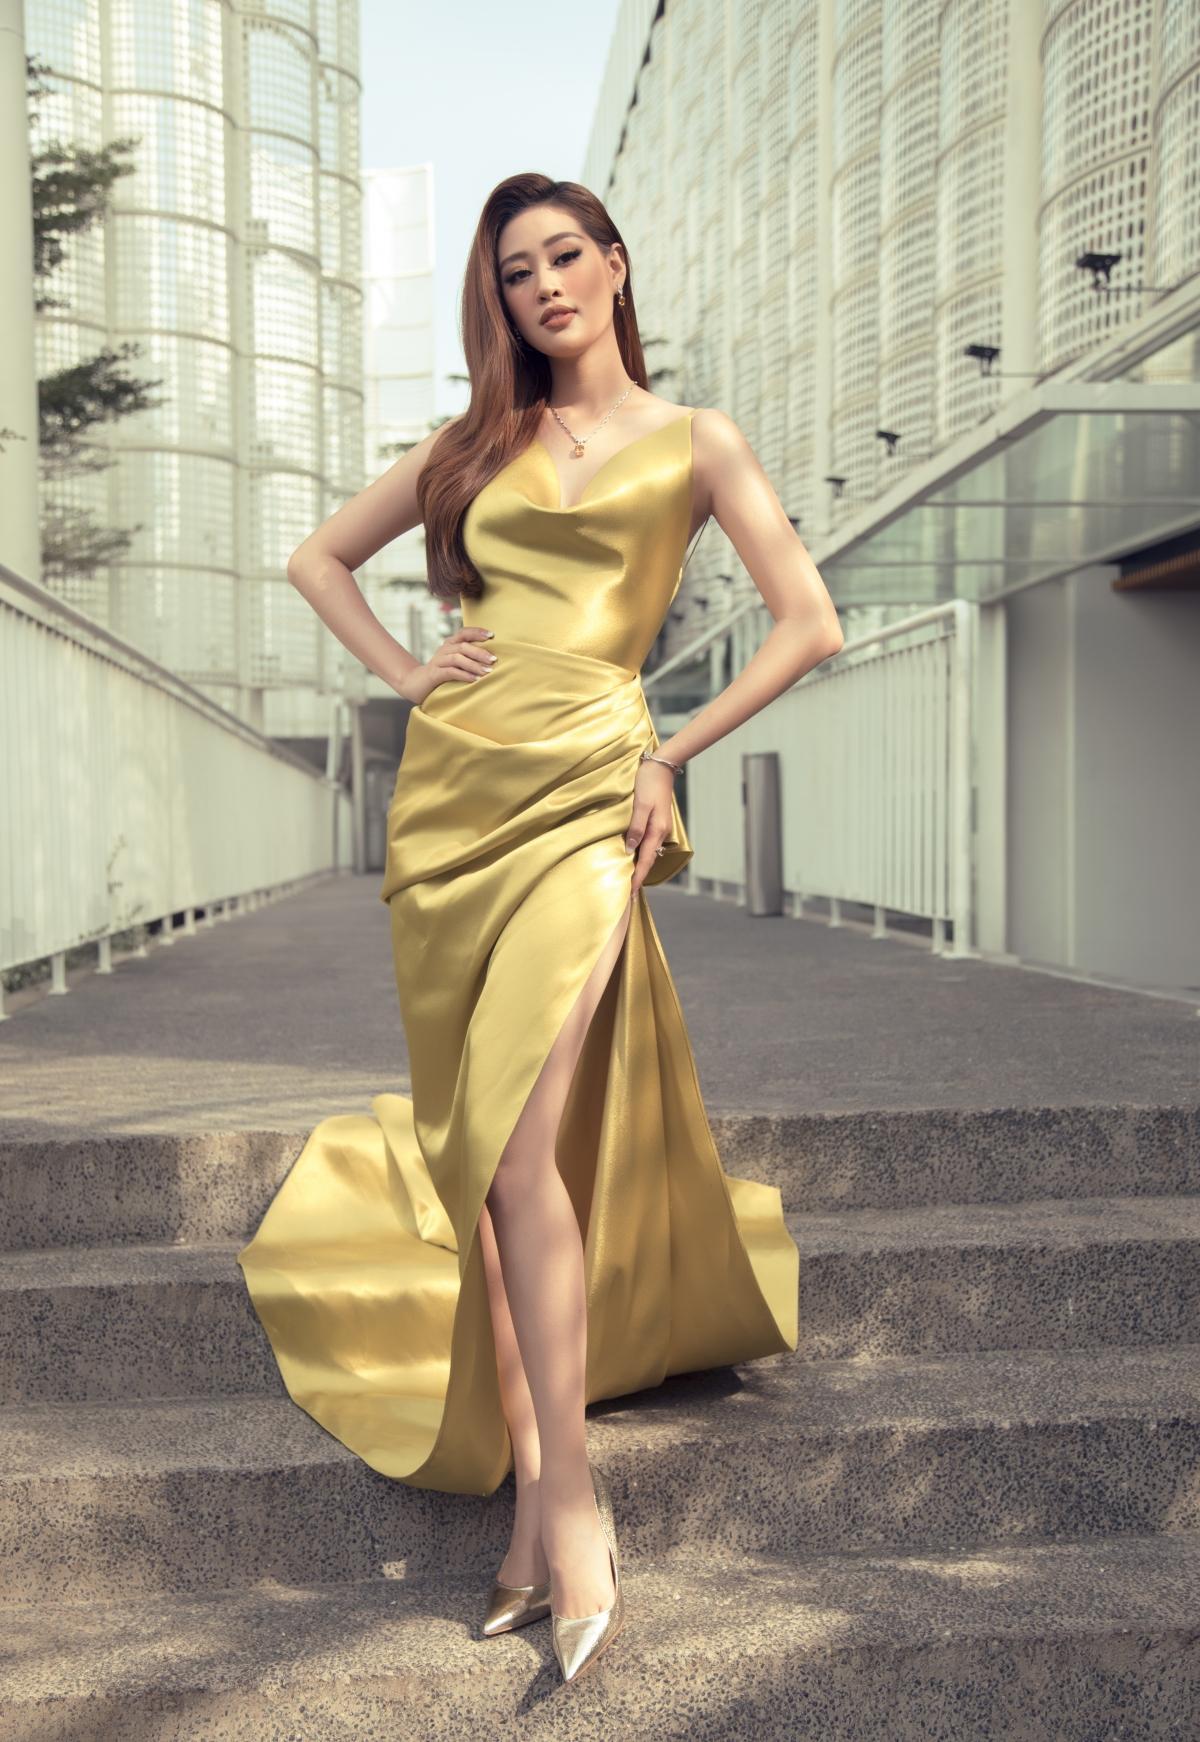 Hoa hậu Khánh Vân xinh đẹp nổi bật với đầm vàng gợi cảm đi dự sự kiện Ảnh 5